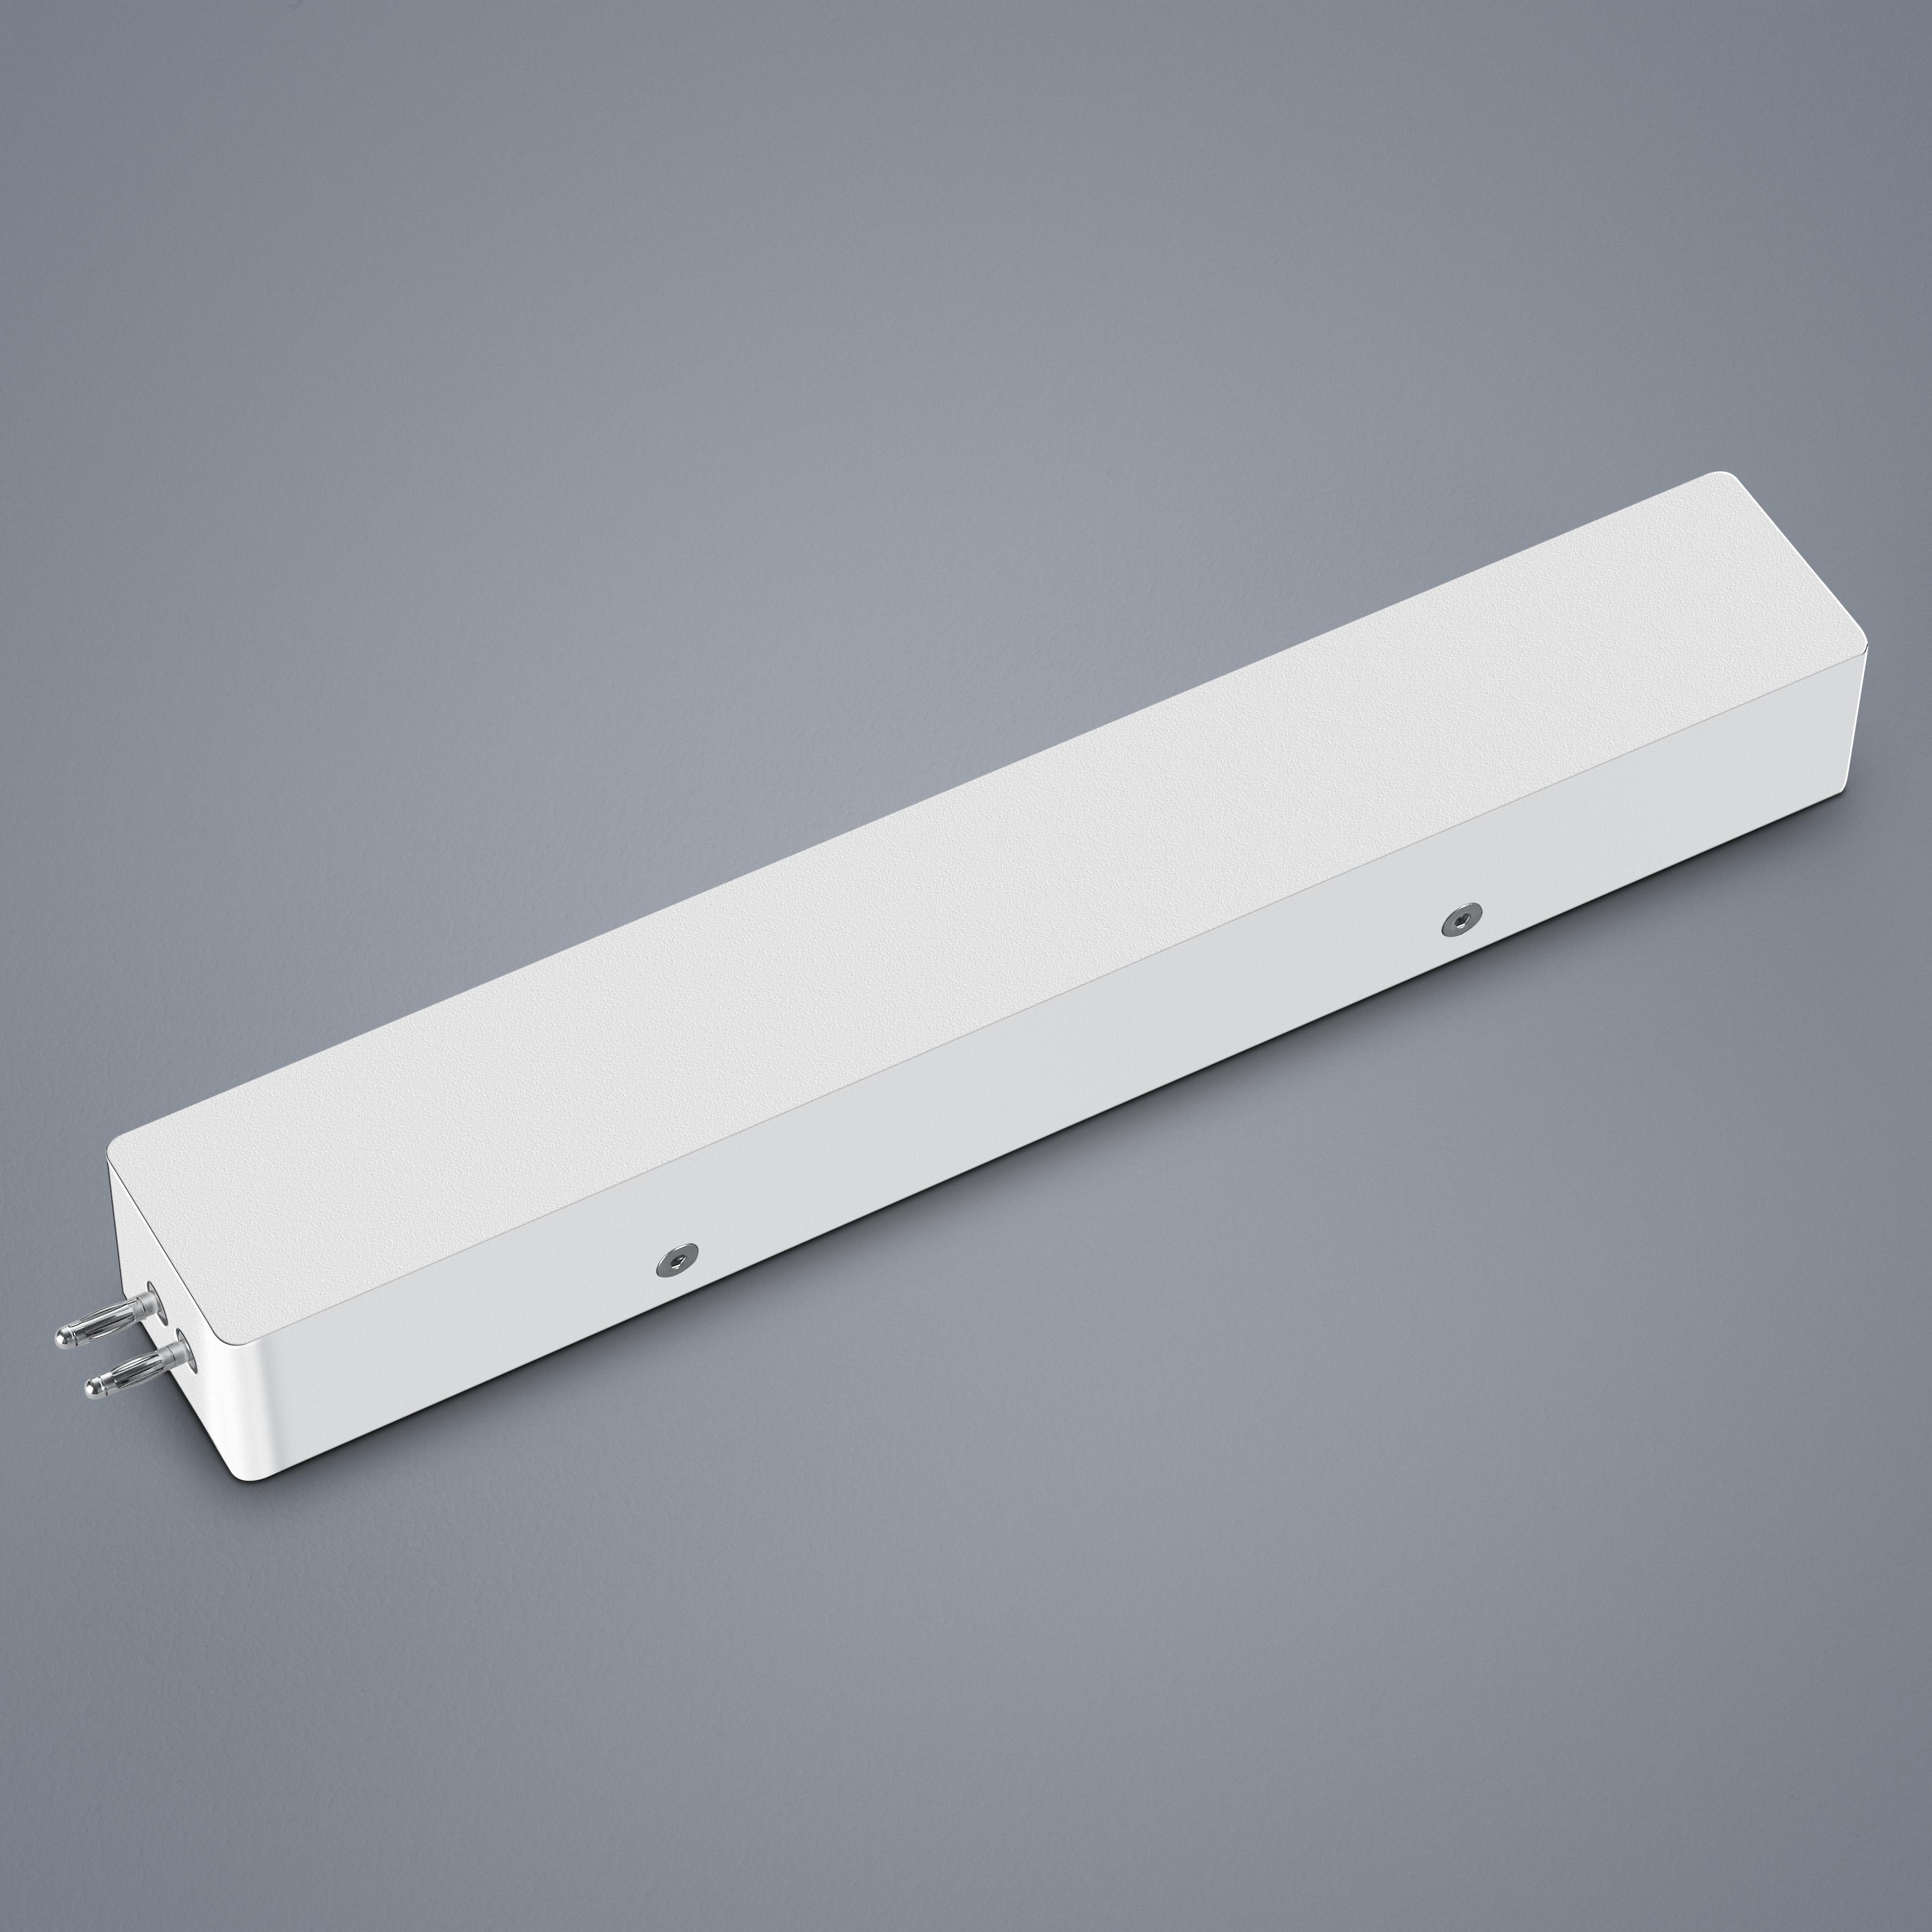 LED-Deckenleuchten von Helestra Leuchten VIGO Deckengehäuse für Betriebssystem / Endeinspeisung 6030.07